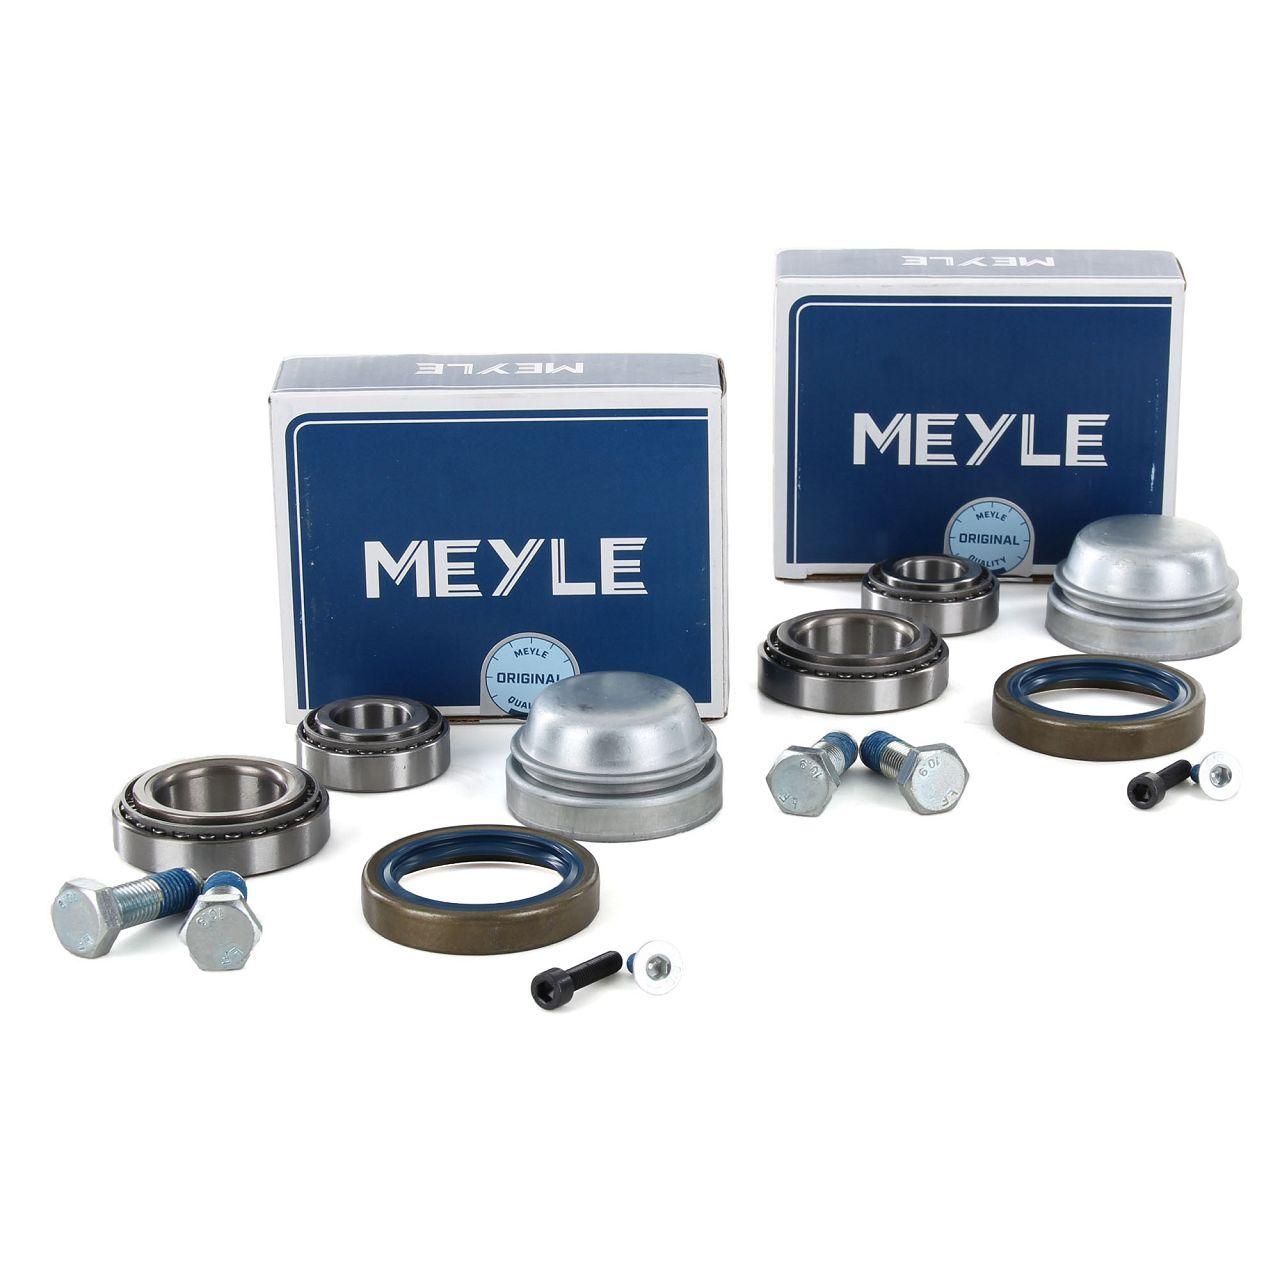 2x MEYLE 0140330100 Radlagersatz MERCEDES W202 S202 W210 S210 SLK R170 CLK C208 A208 vorne